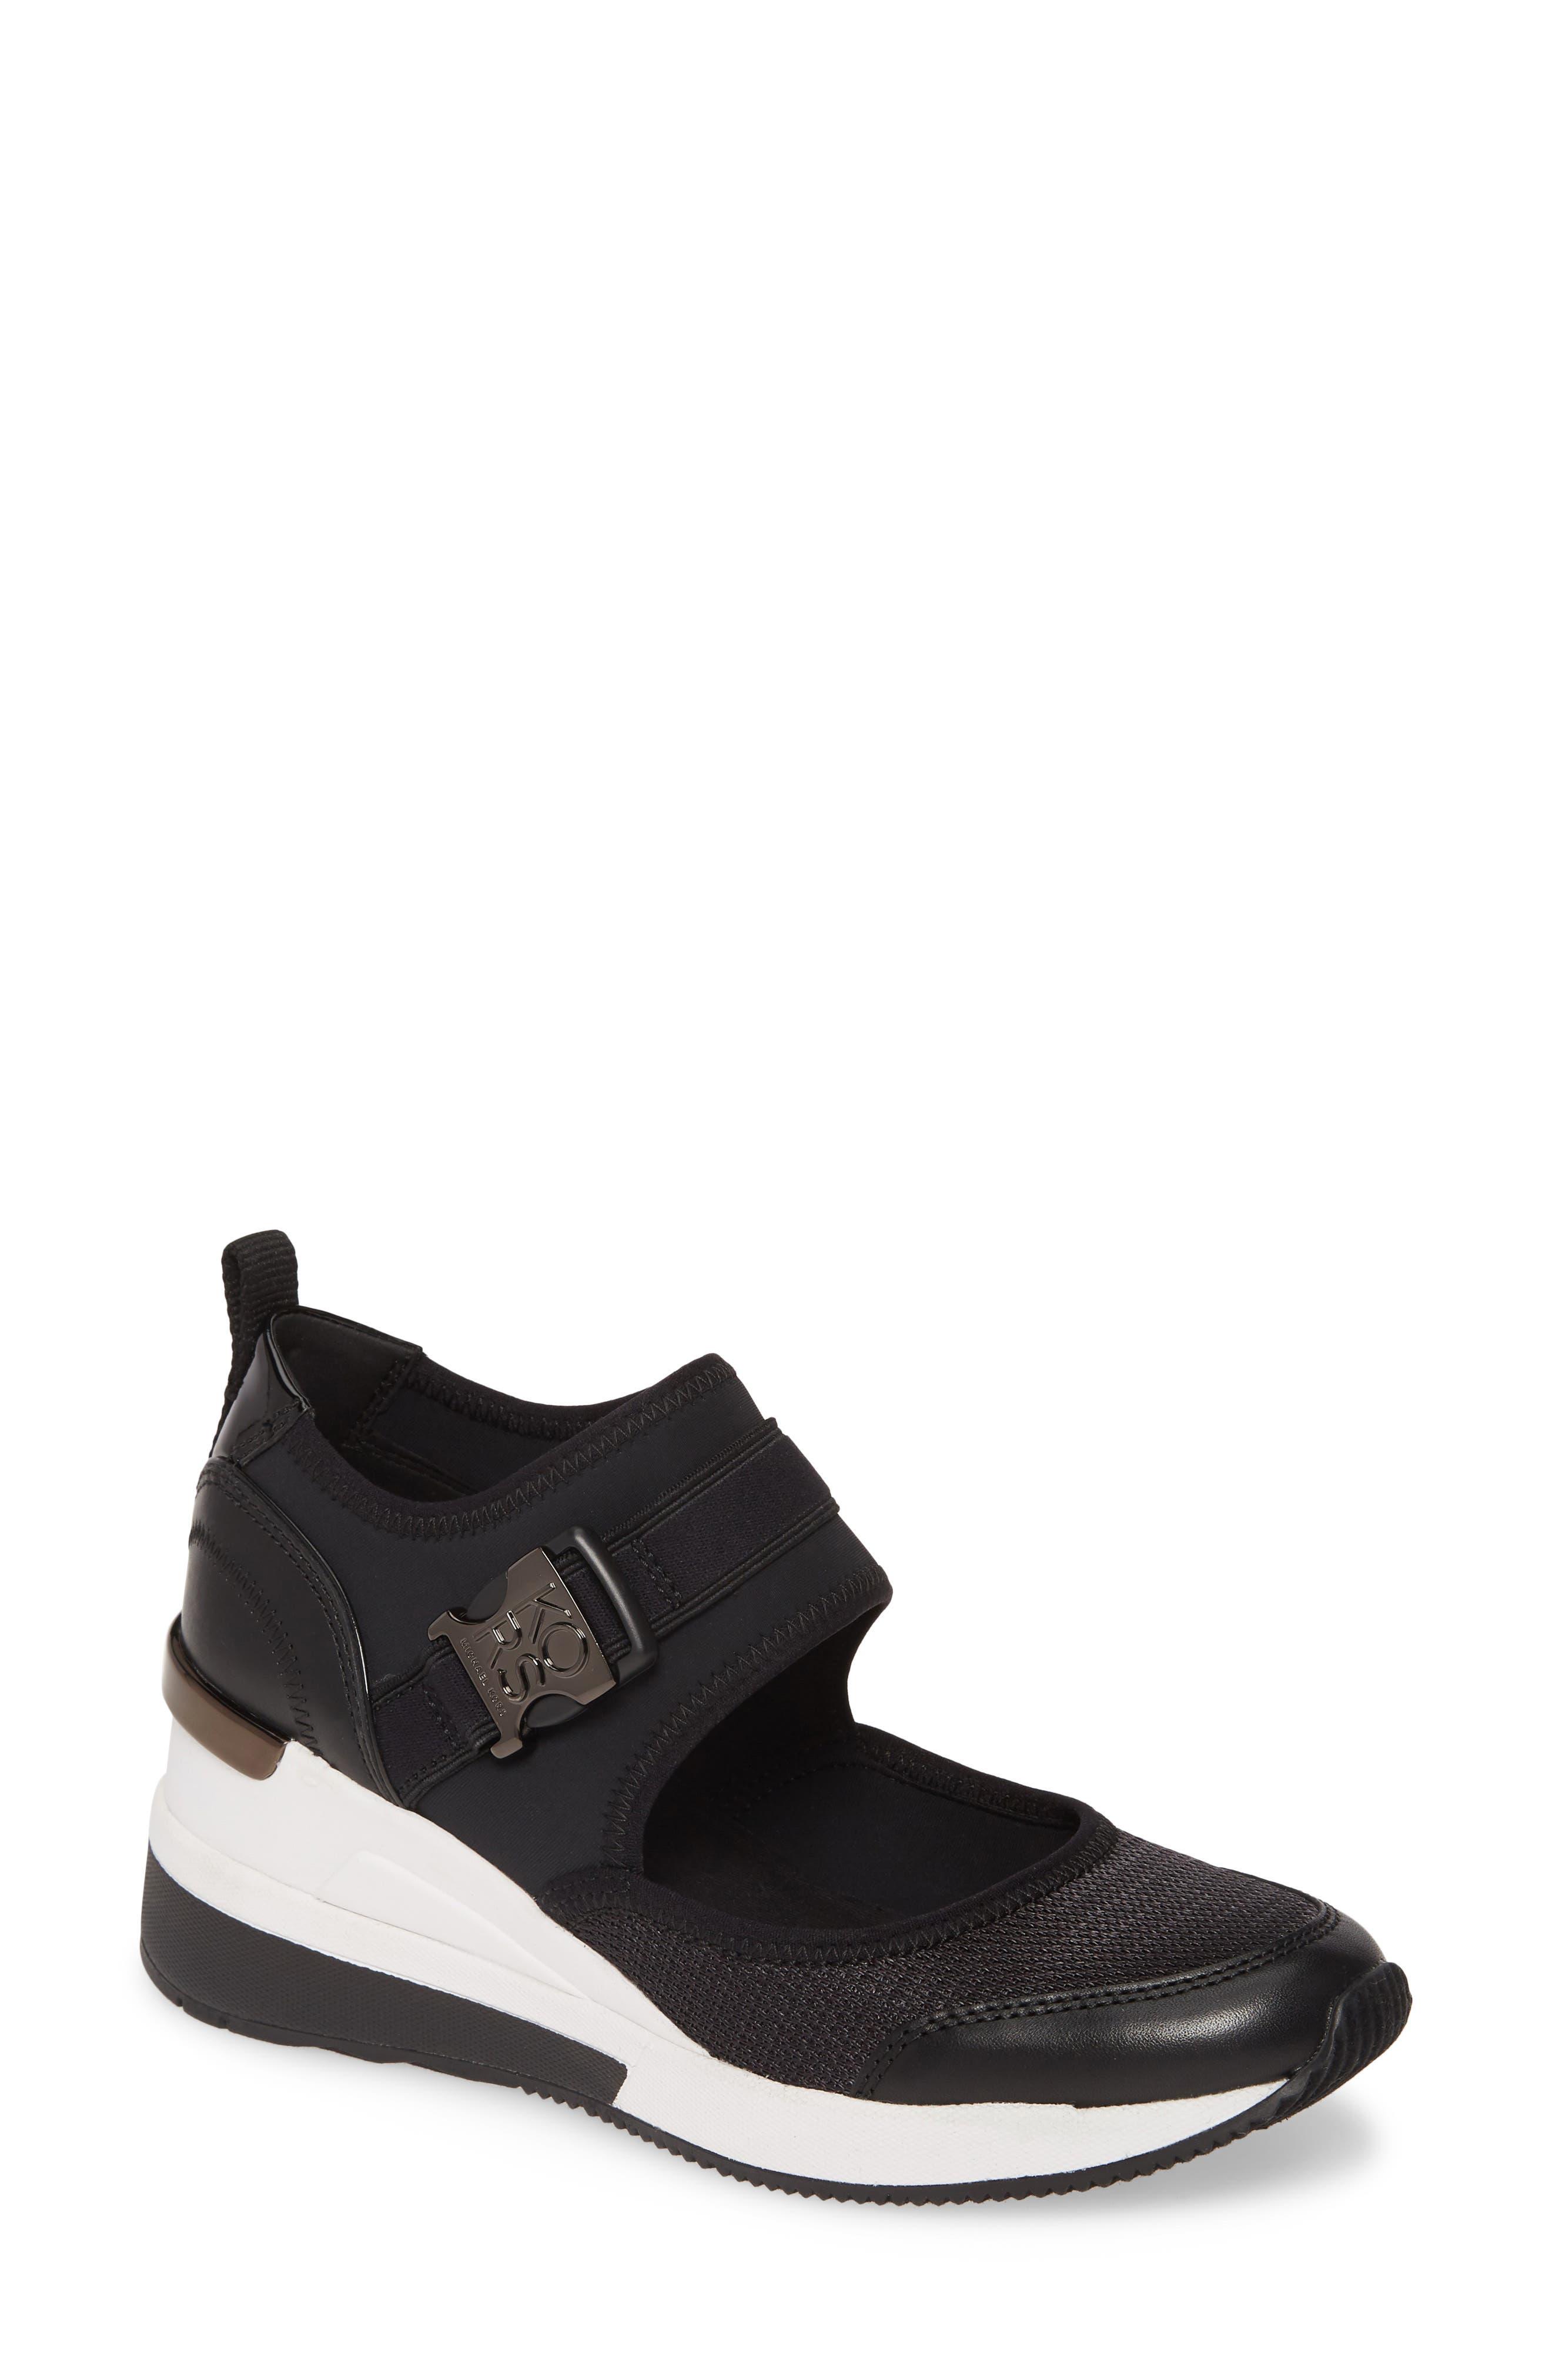 Michael Michael Kors Effie Mary Jane Wedge Sneaker- Black